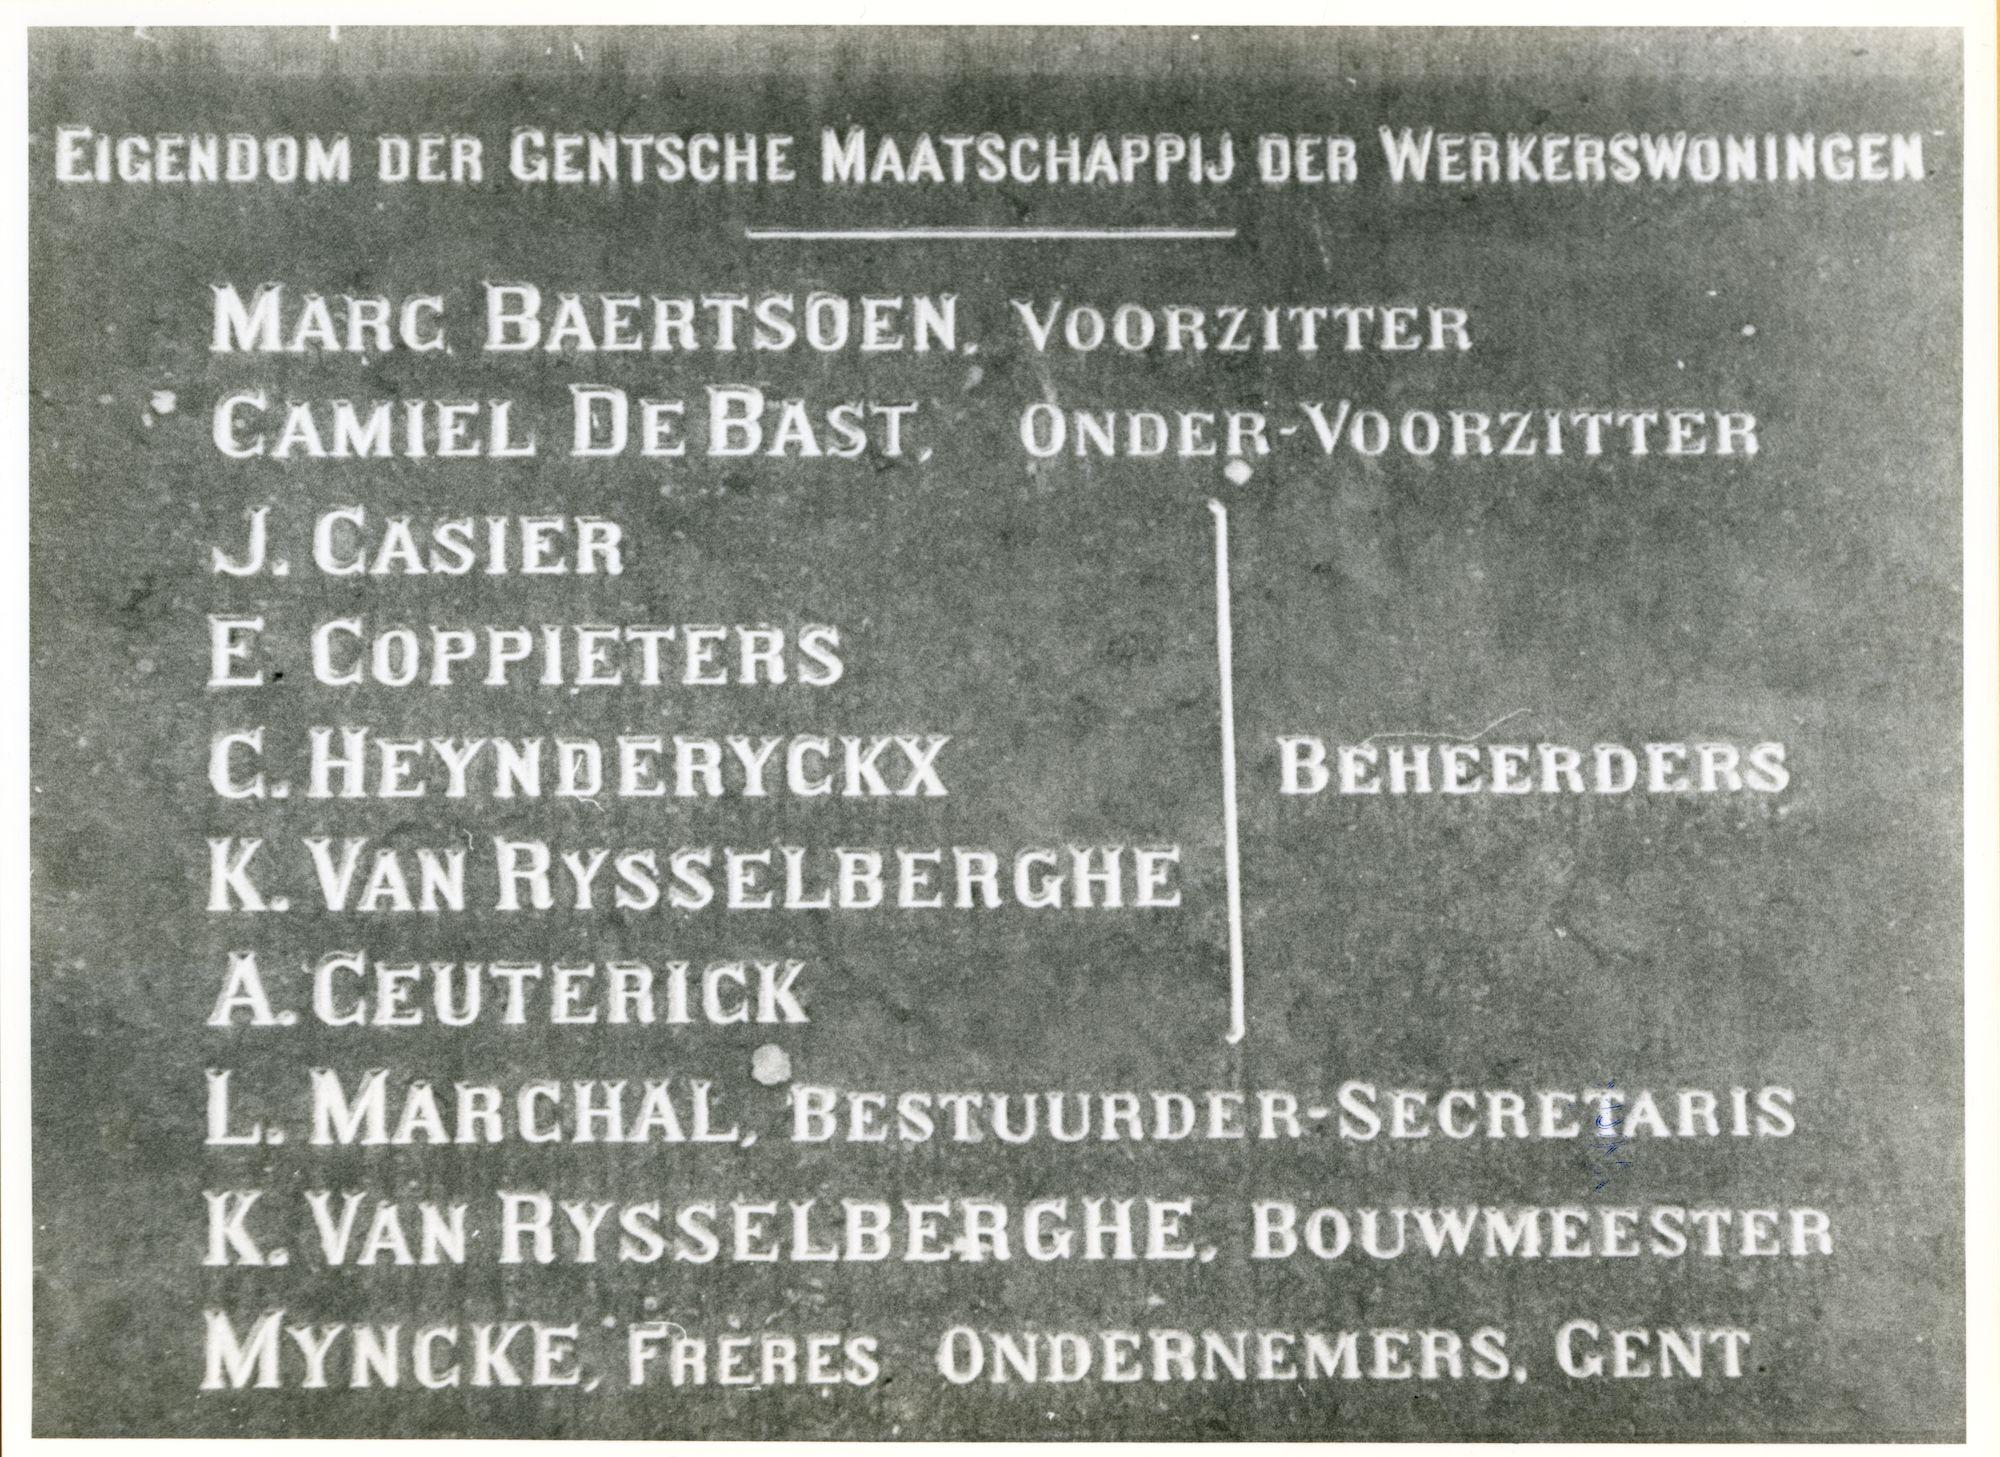 Gent: Zebrastraat: Gedenksteen, 1979